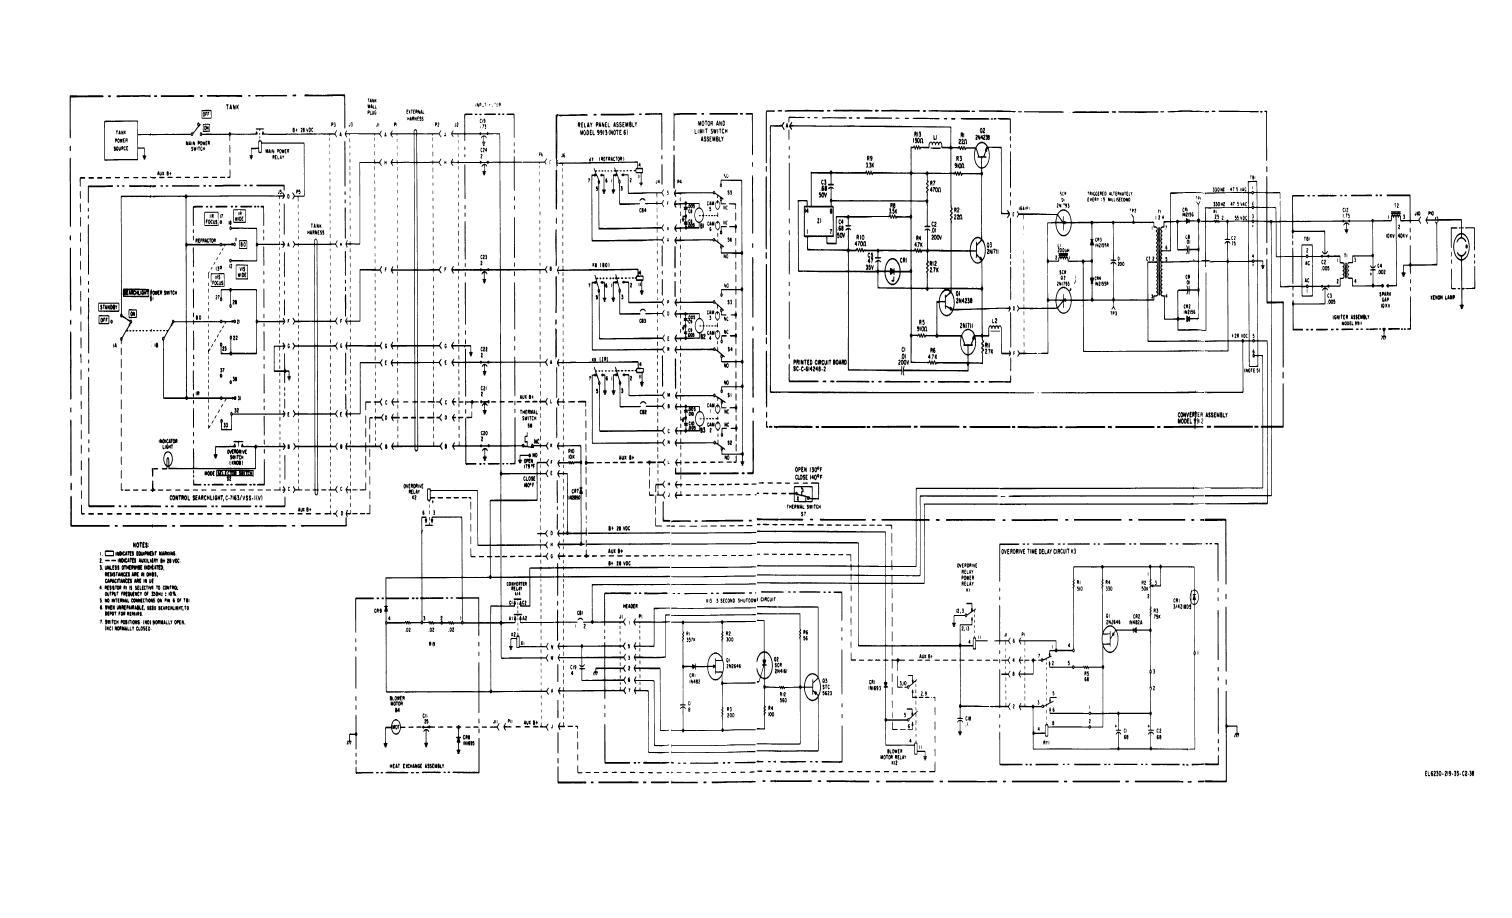 tm 250 wiring diagram tm get free image about wiring diagram